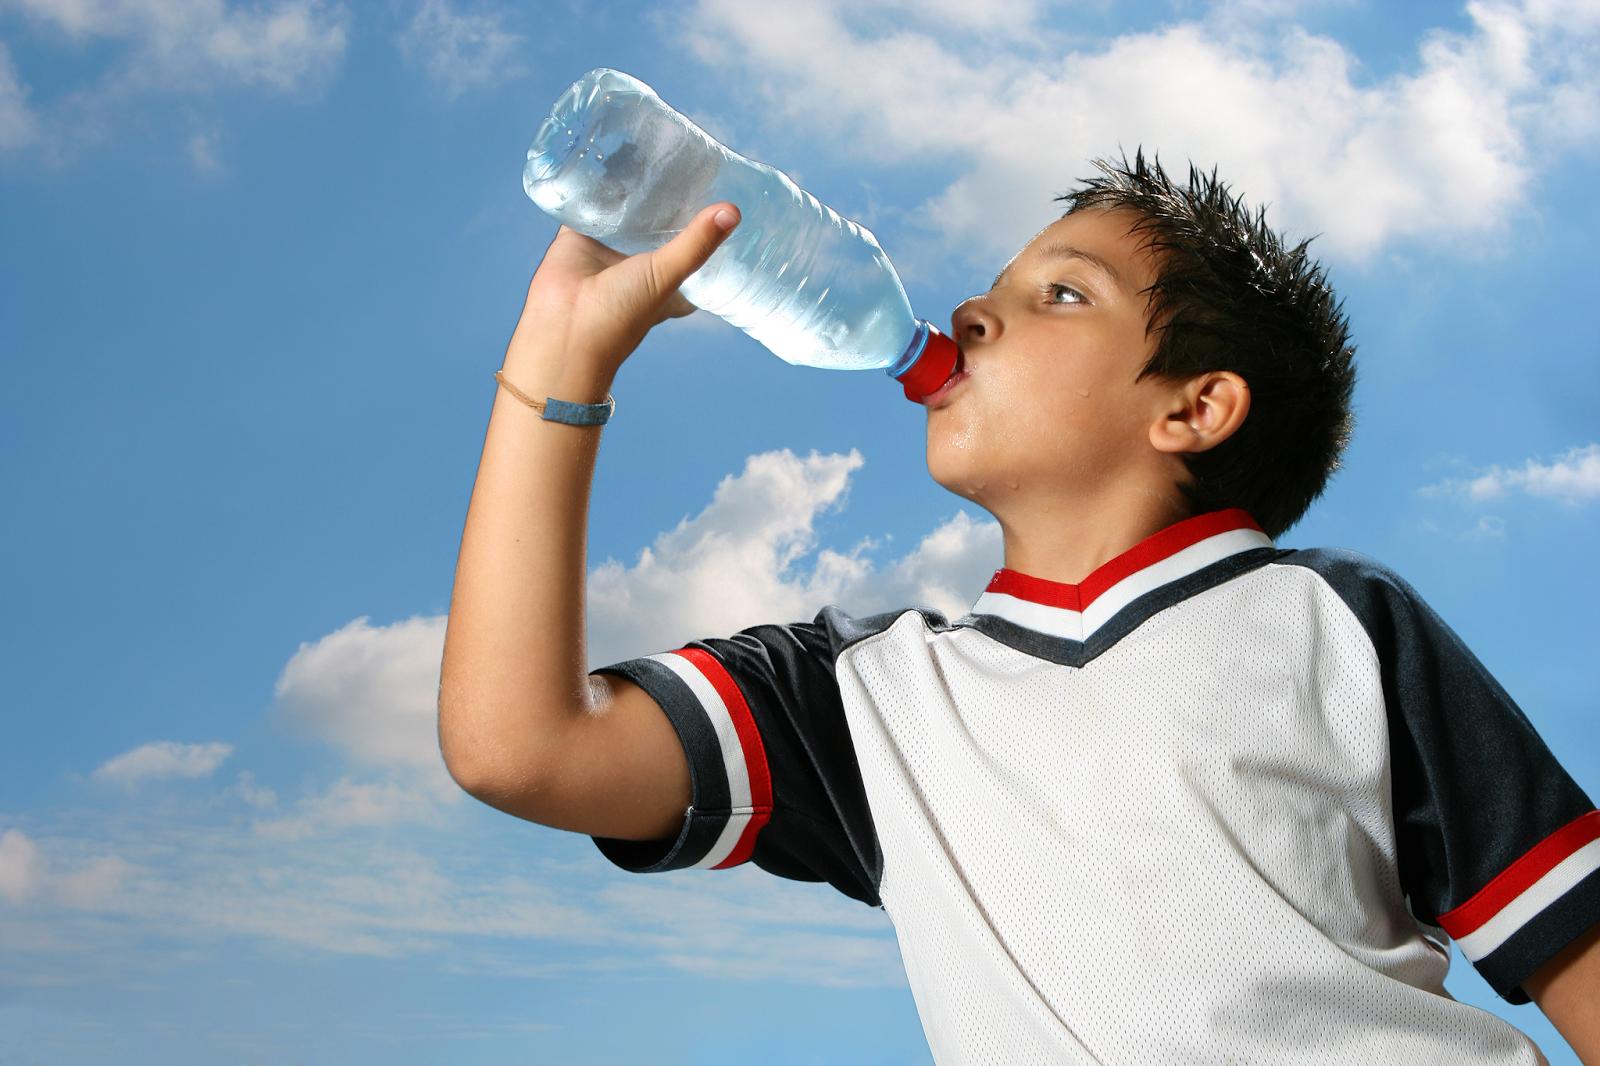 7عادات غذائية صحية لطفلك مجلة سيدتي